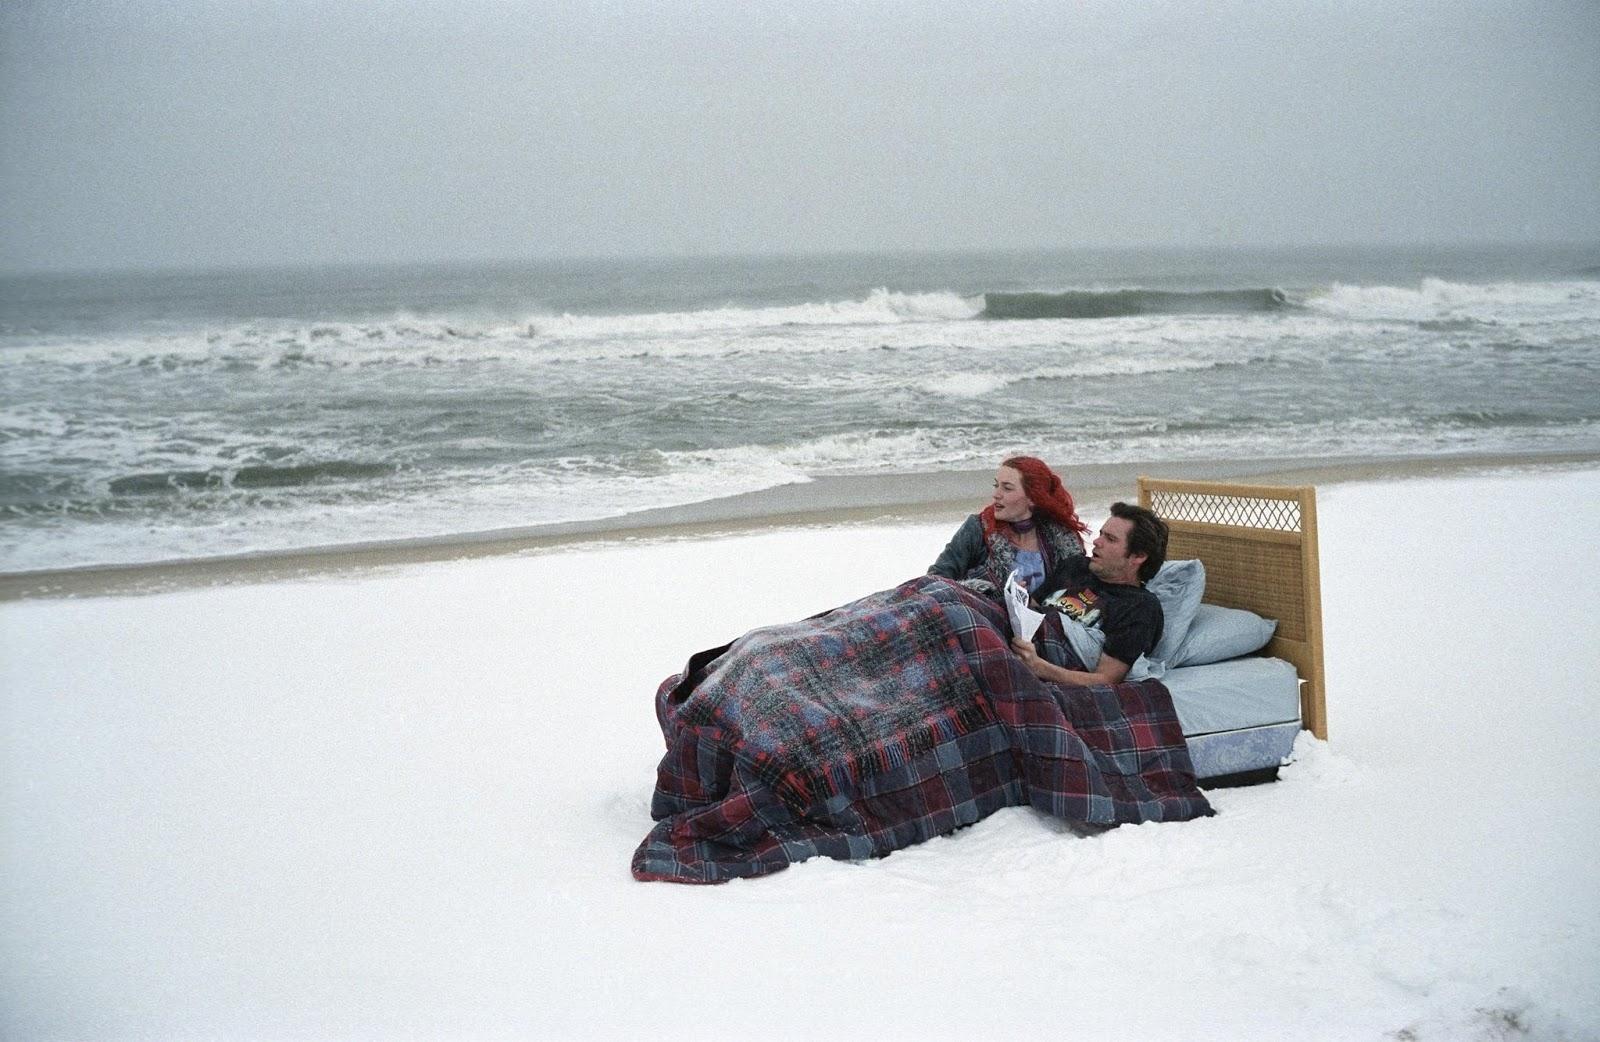 Las 8 mejores películas románticas para ver en San Valentin con tu chico